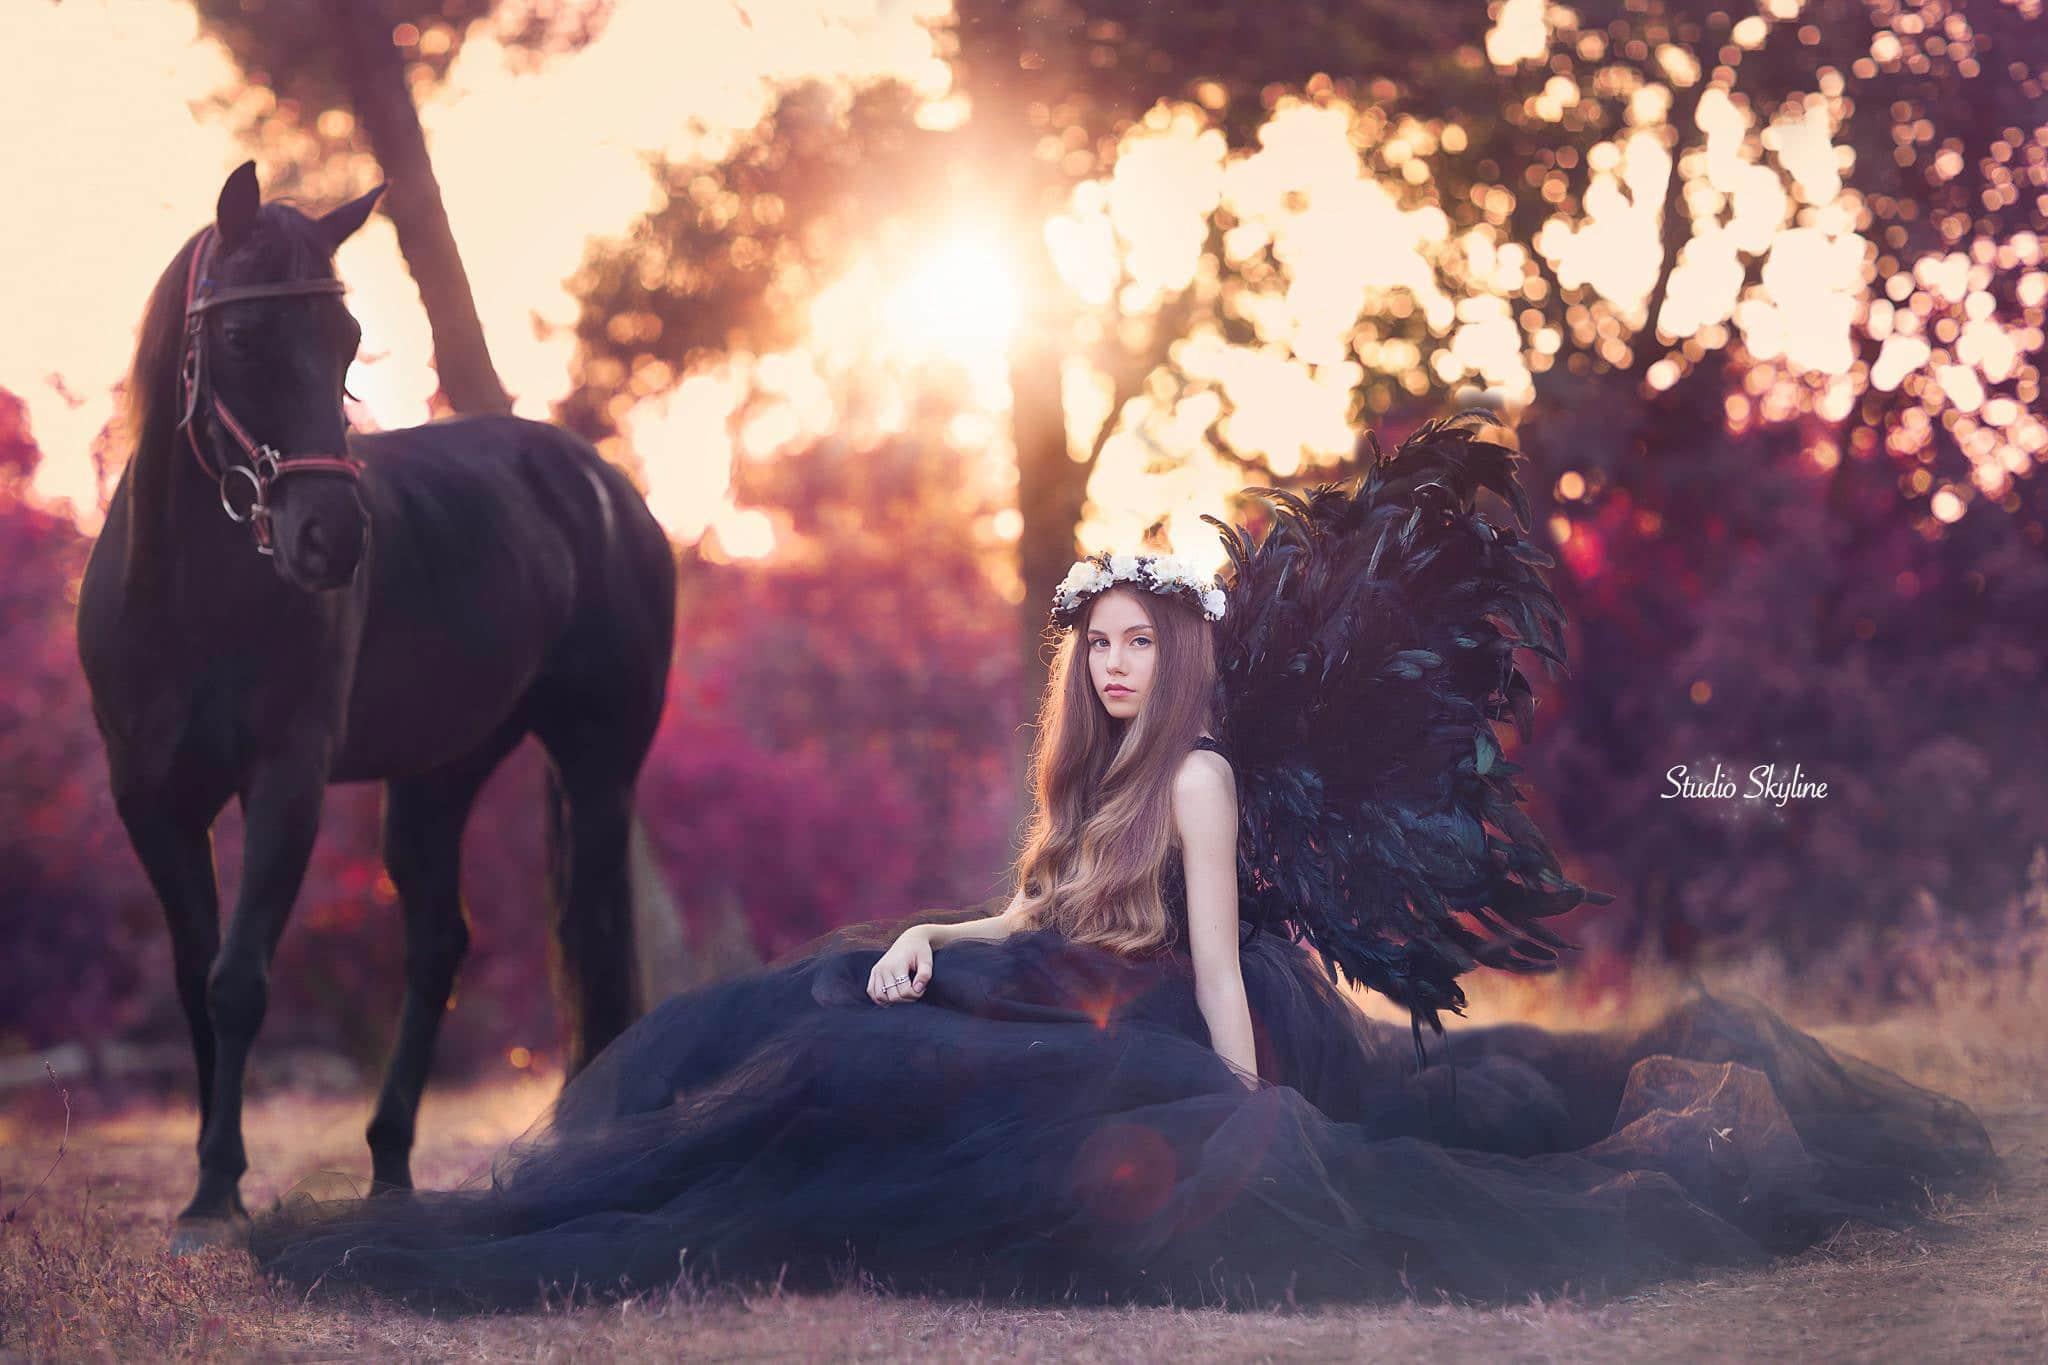 בוק בת מצווה עם סוס שחור